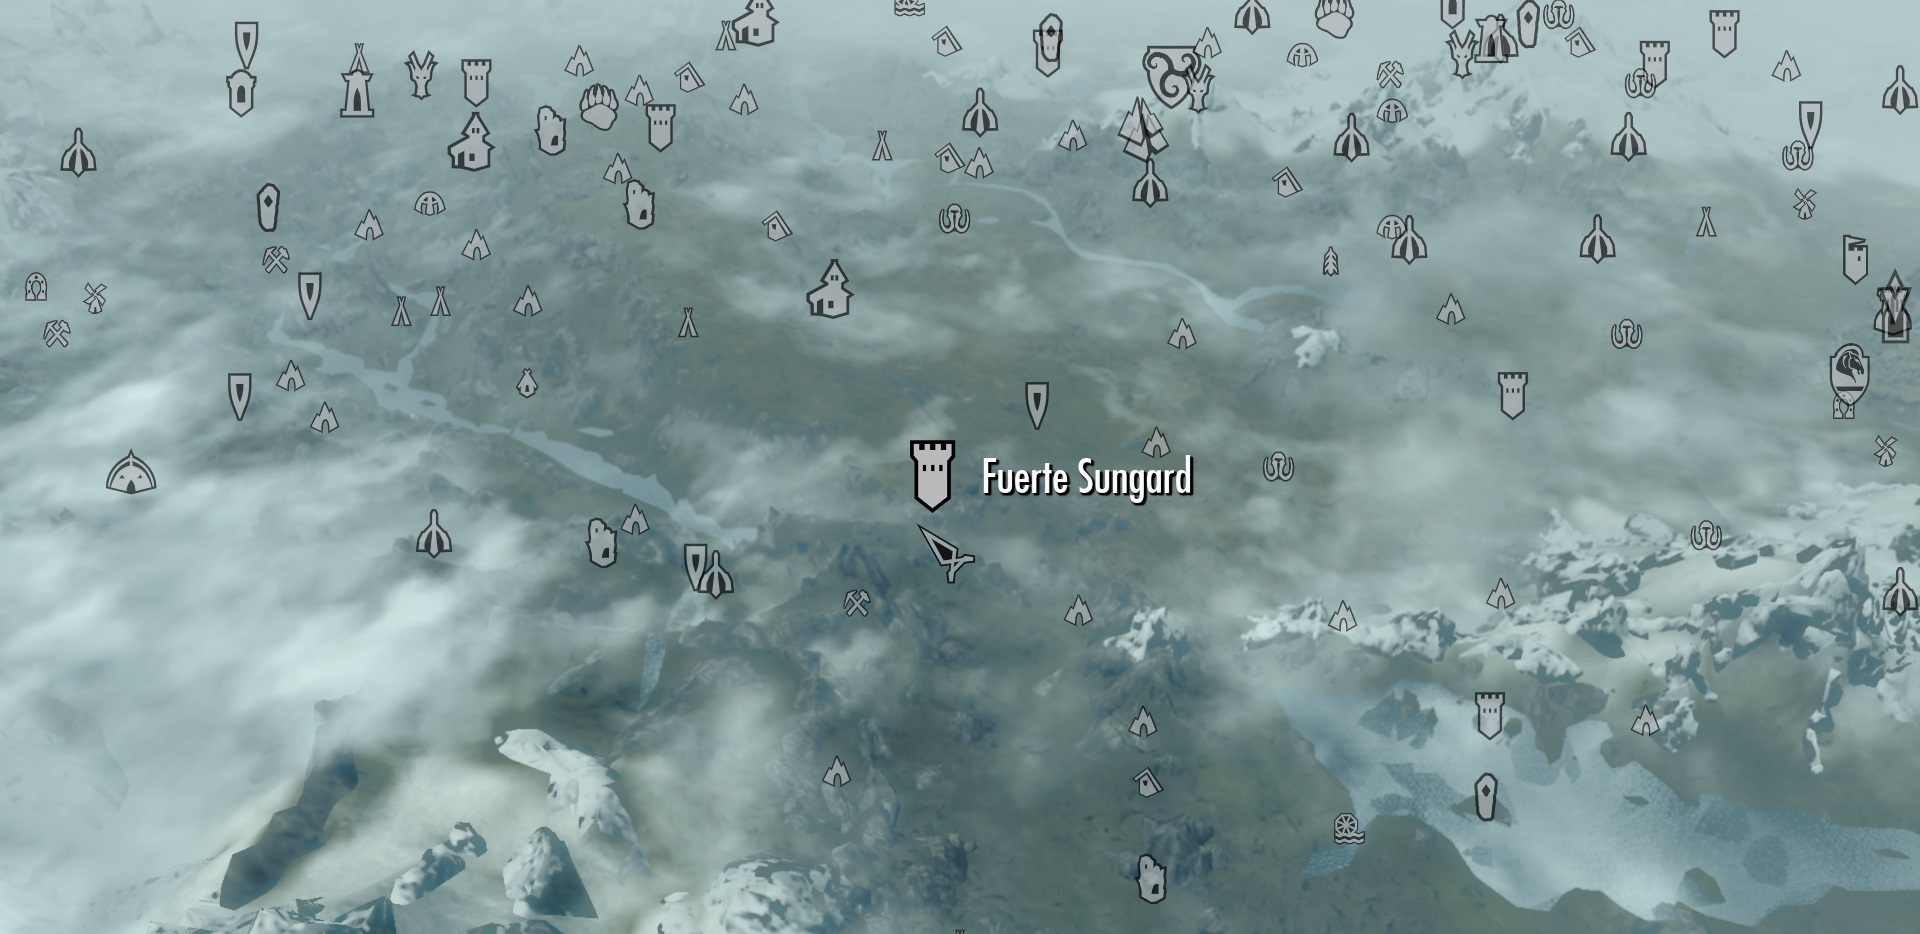 Fort Sungard Elder Scrolls Fandom Powered By Wikia - Imagez co